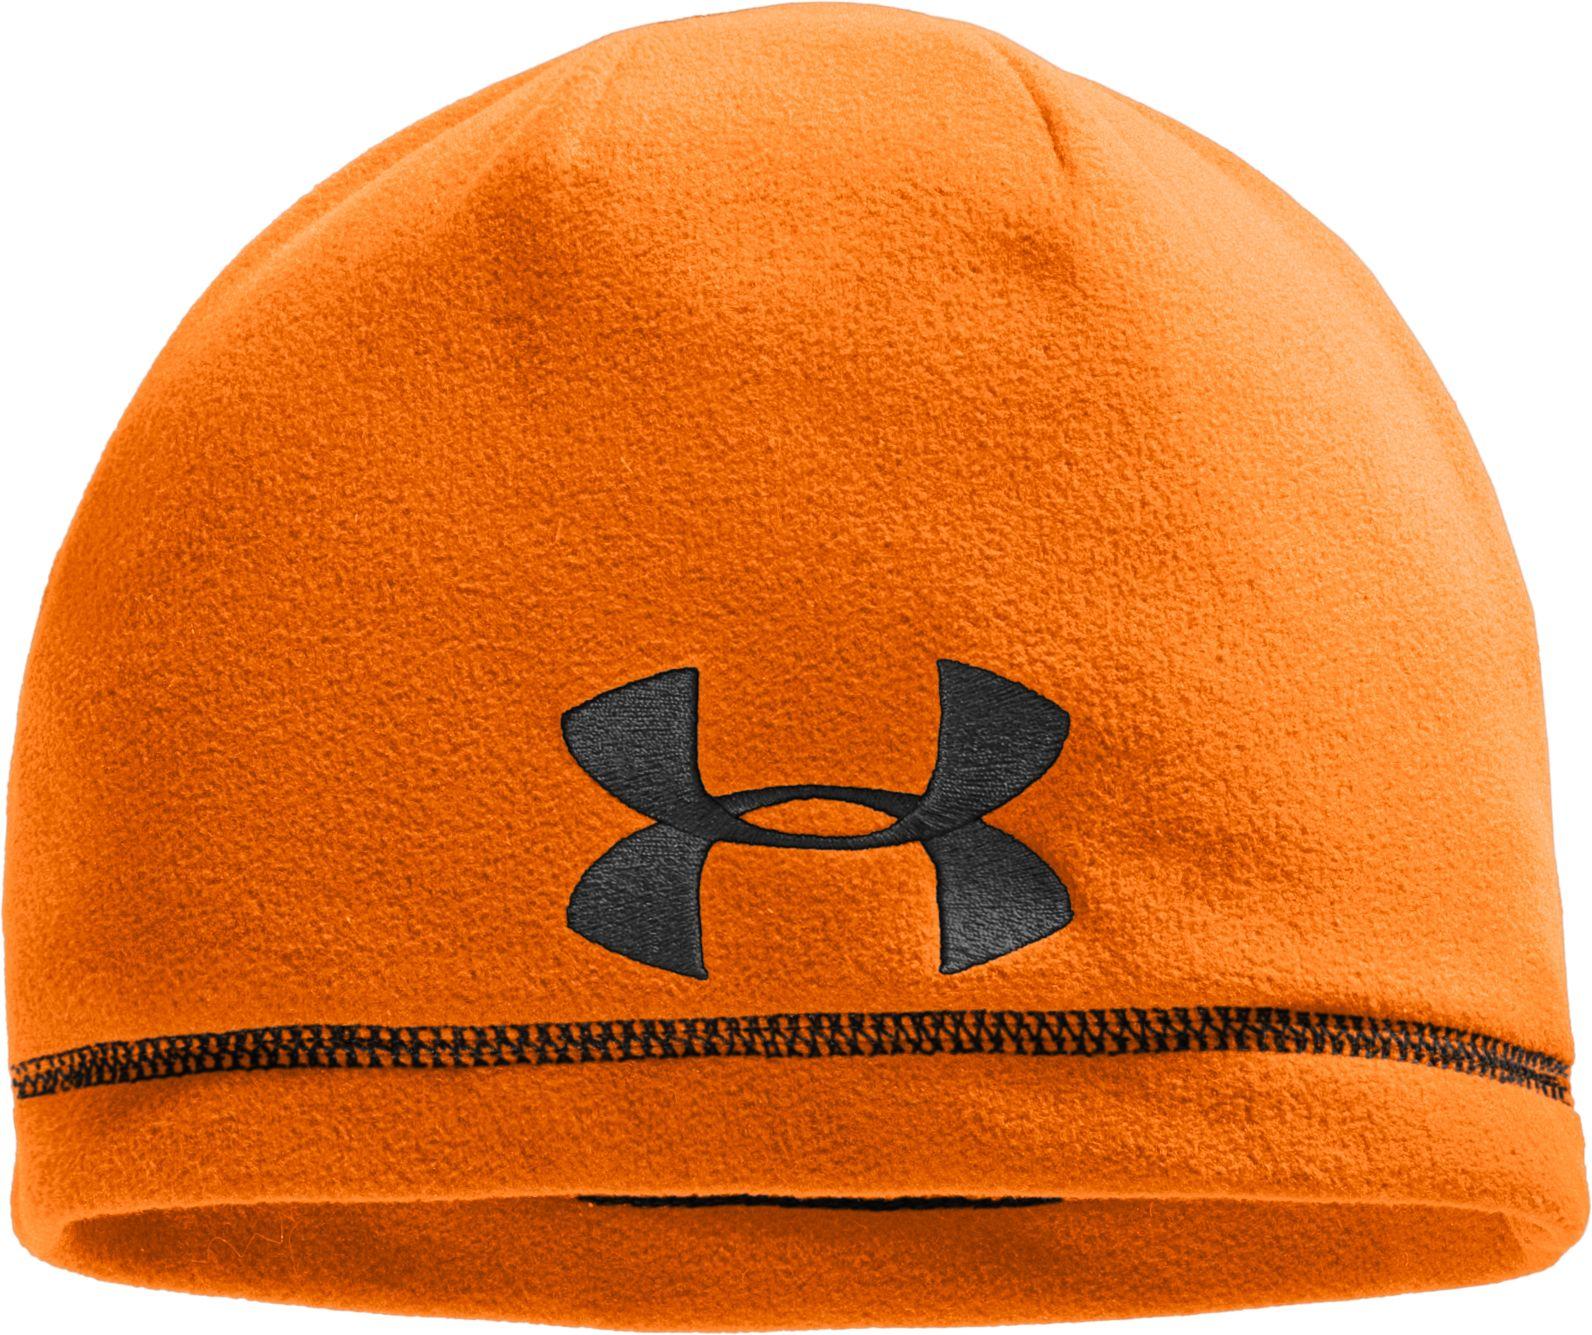 Under Armour Men's Outdoor Fleece Beanie, Size: One size, Blaze Orange thumbnail